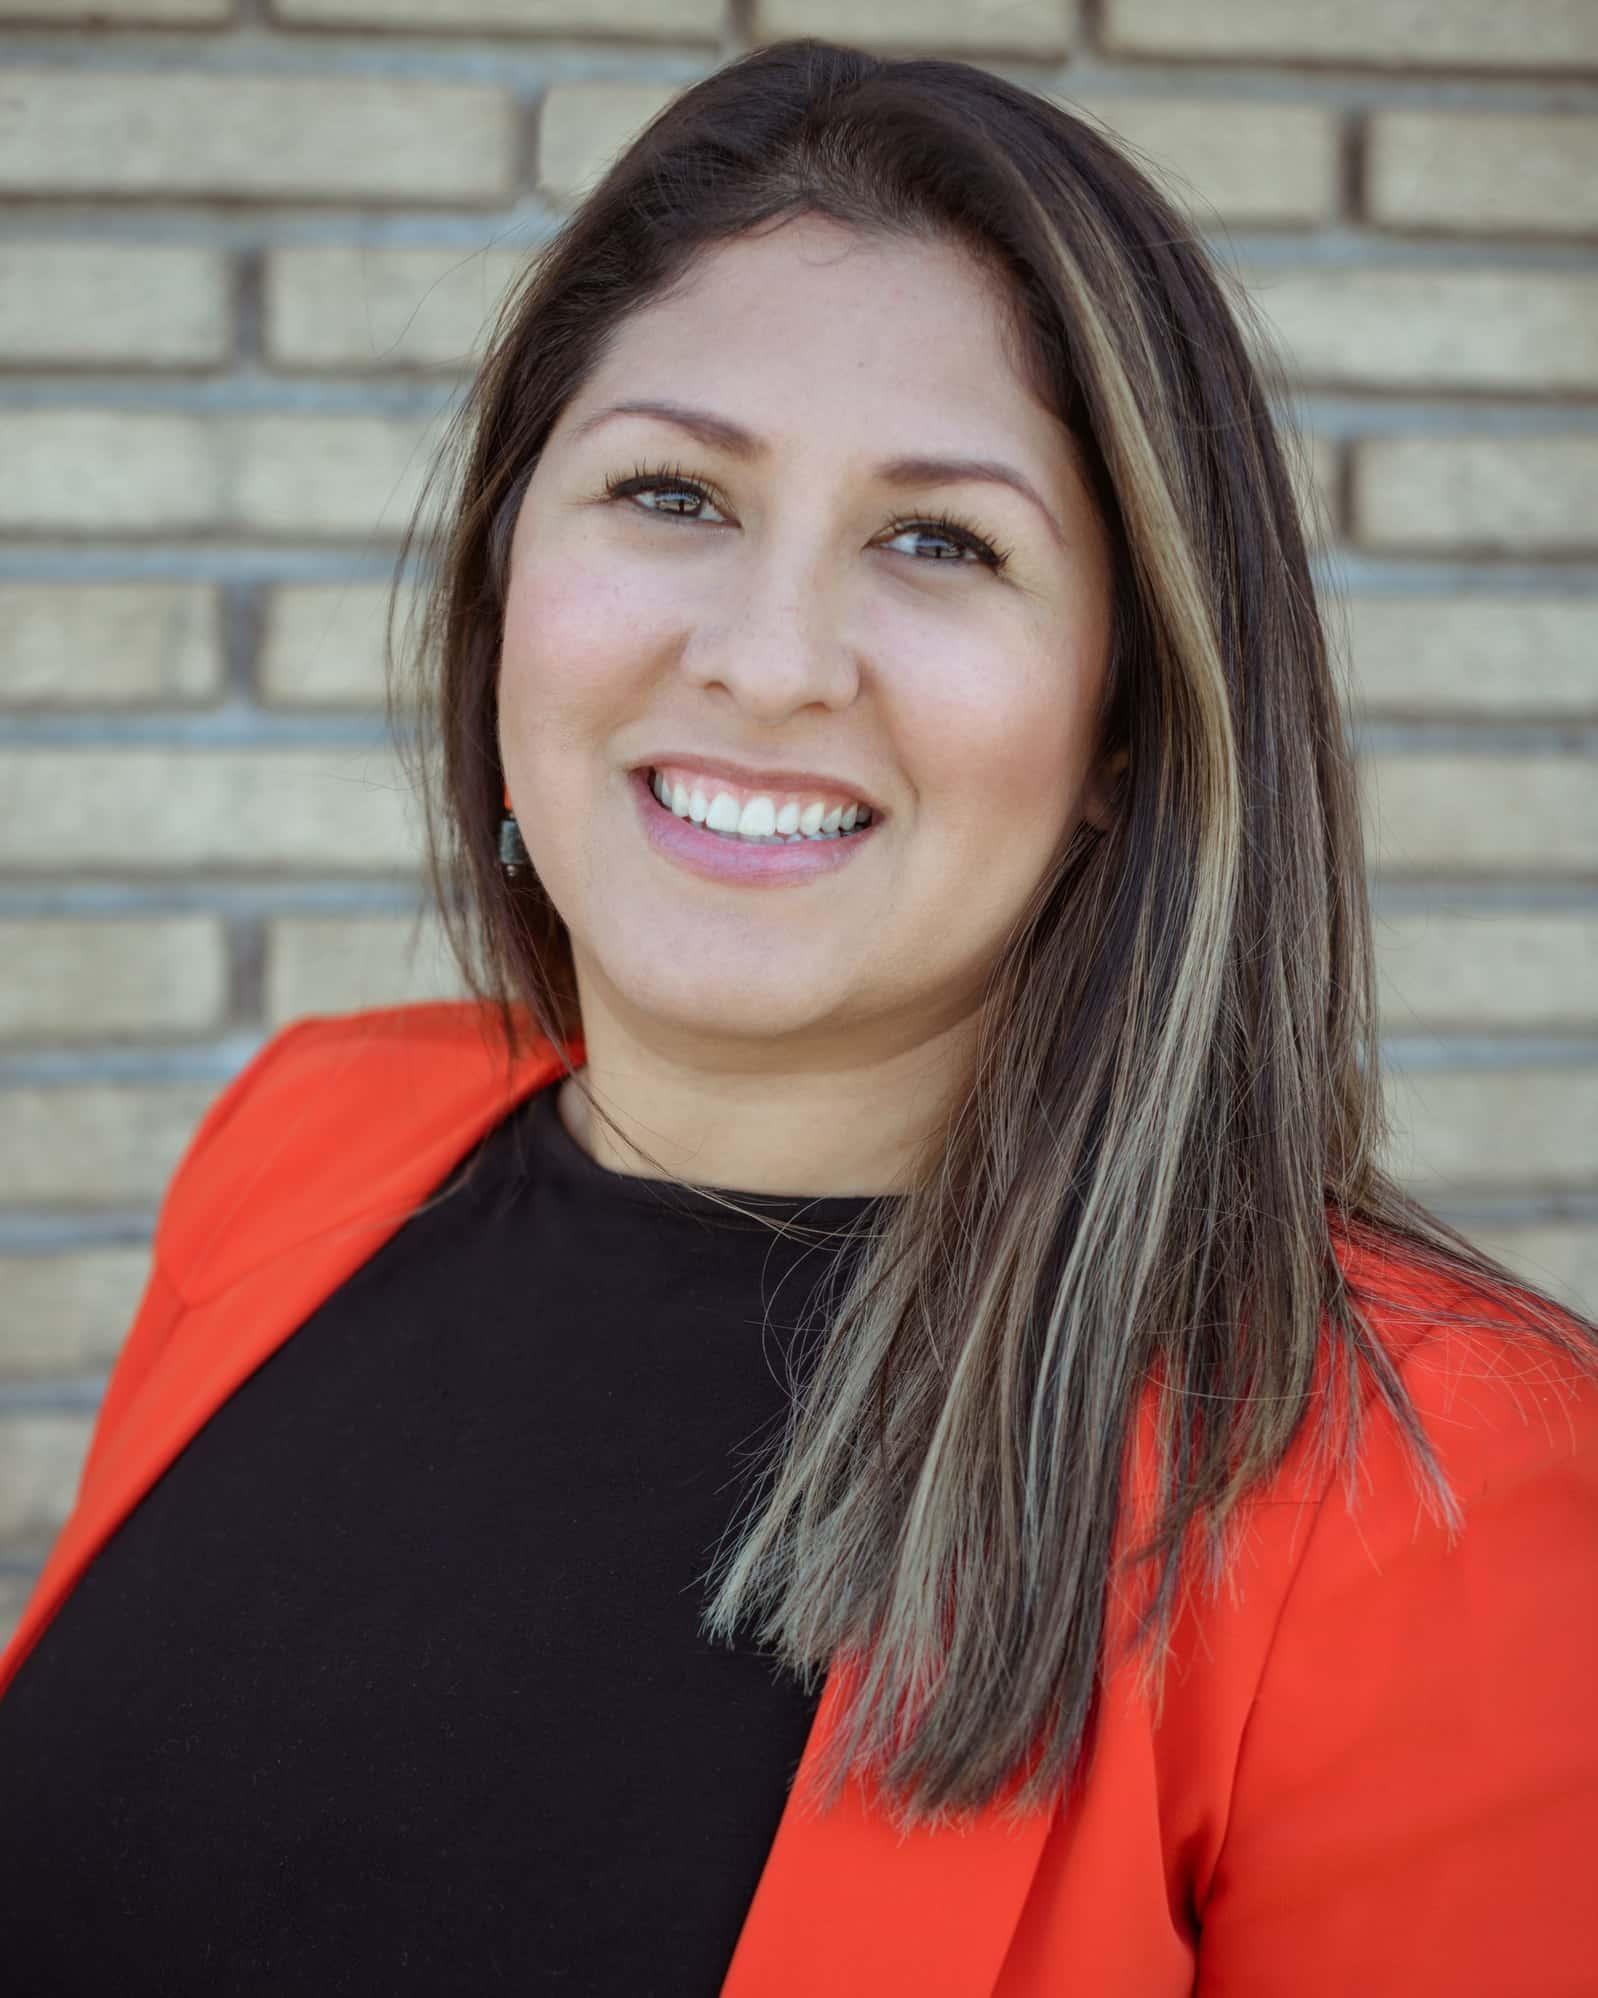 Erika Villegas